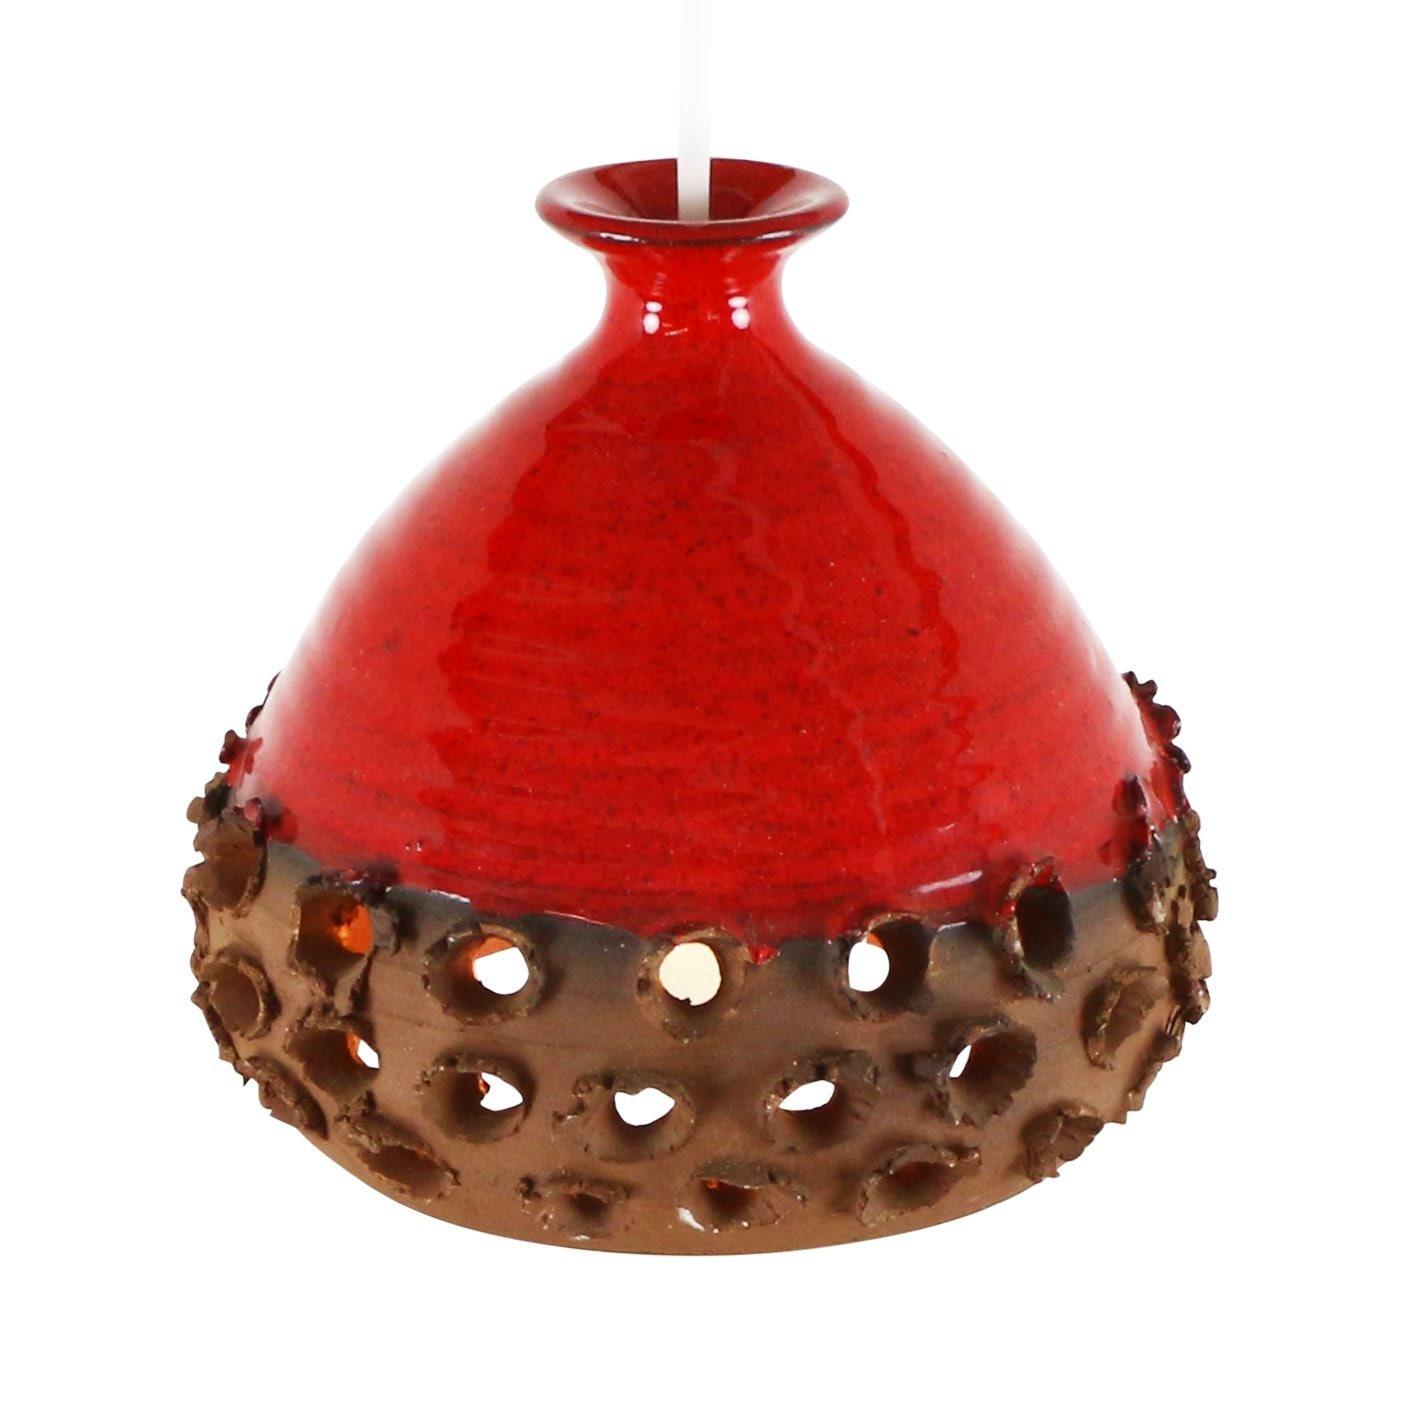 Lampada a ciondolo in ceramica arancio /rosso forata anni